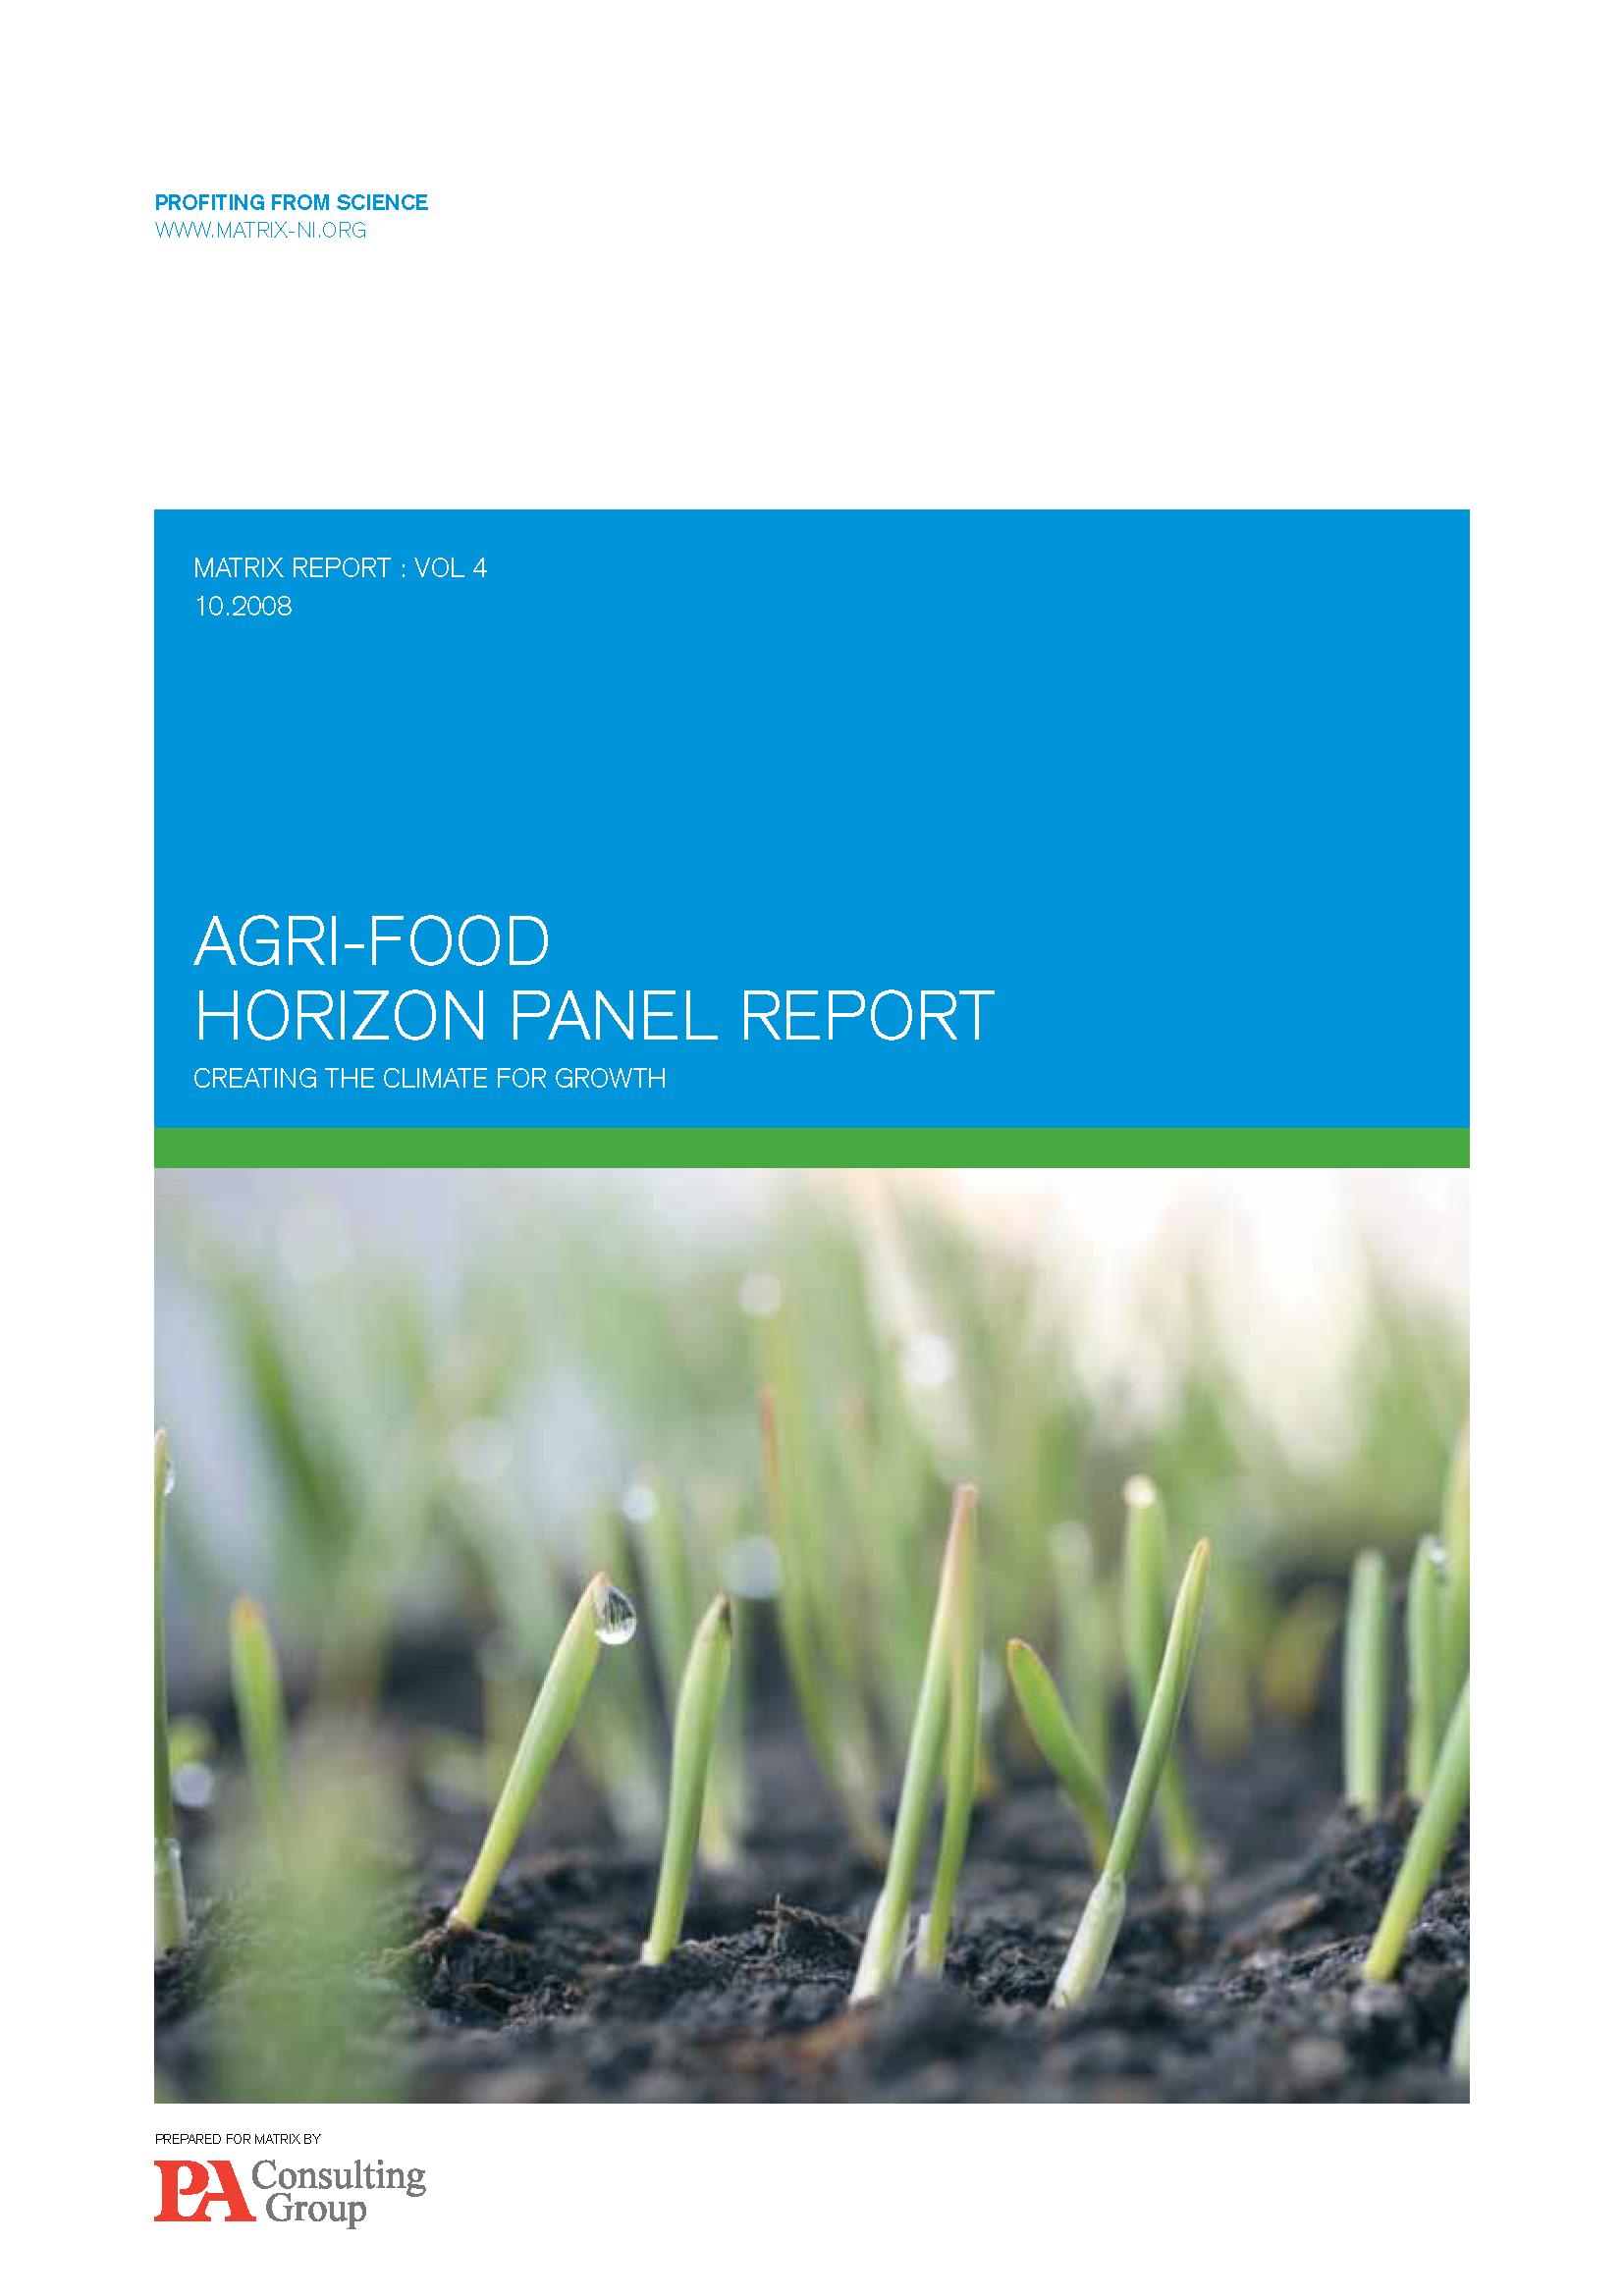 Agri-food report 2008